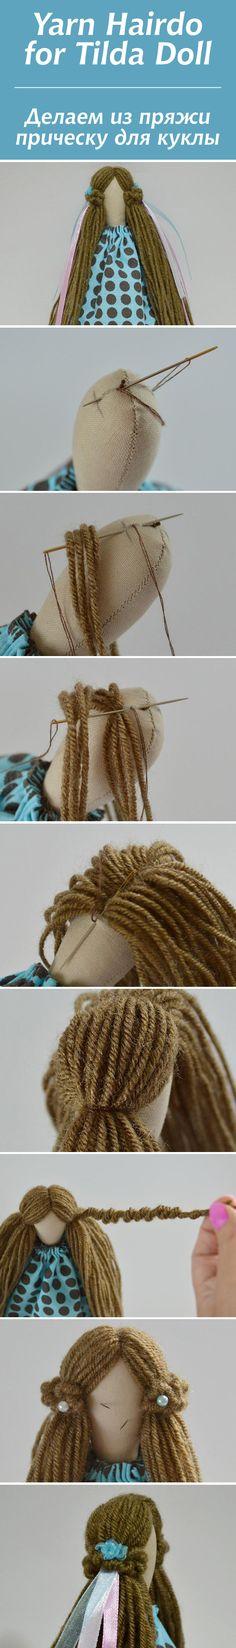 Yarn Hairdo for Tilda Doll (In Russian) Doll Crafts, Diy Doll, Sewing Crafts, Doll Clothes Patterns, Doll Patterns, Sewing Patterns, Doll Tutorial, Sewing Dolls, Waldorf Dolls